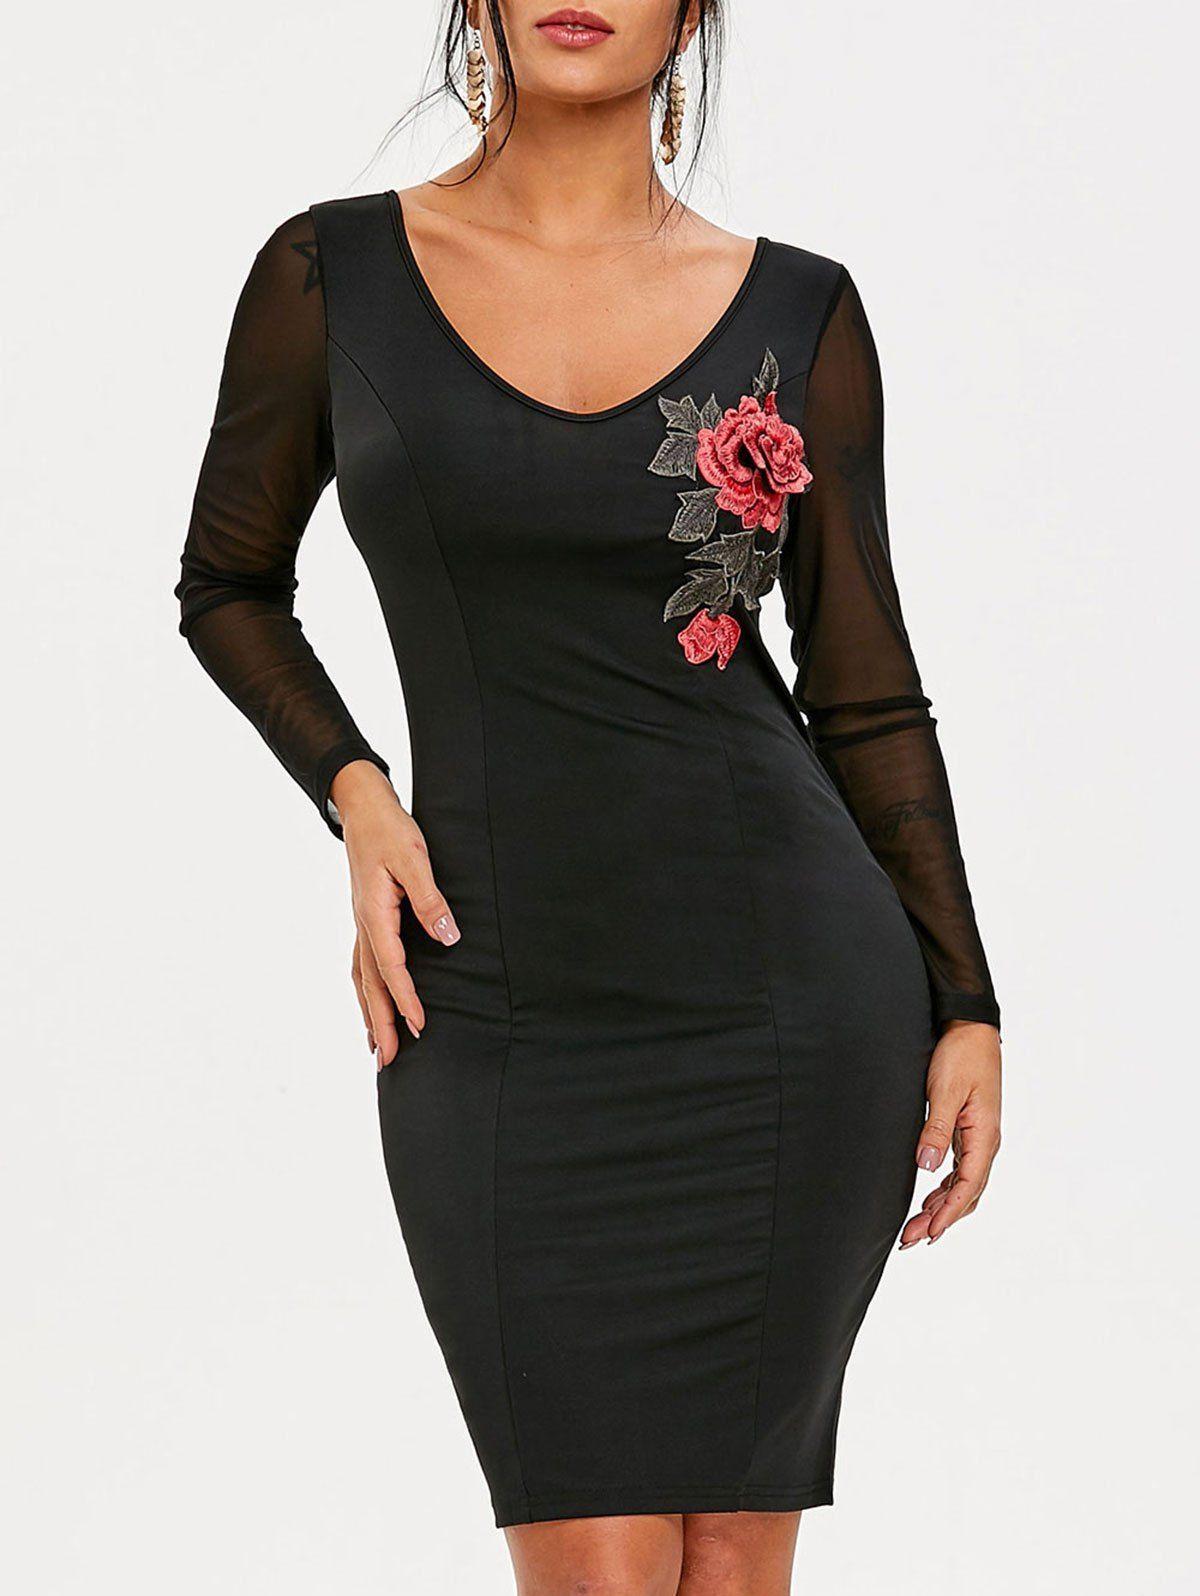 Sheer Sleeve Embroidered Club Dress Club Dresses Sheer Sleeves Mesh Sleeves [ 1596 x 1200 Pixel ]